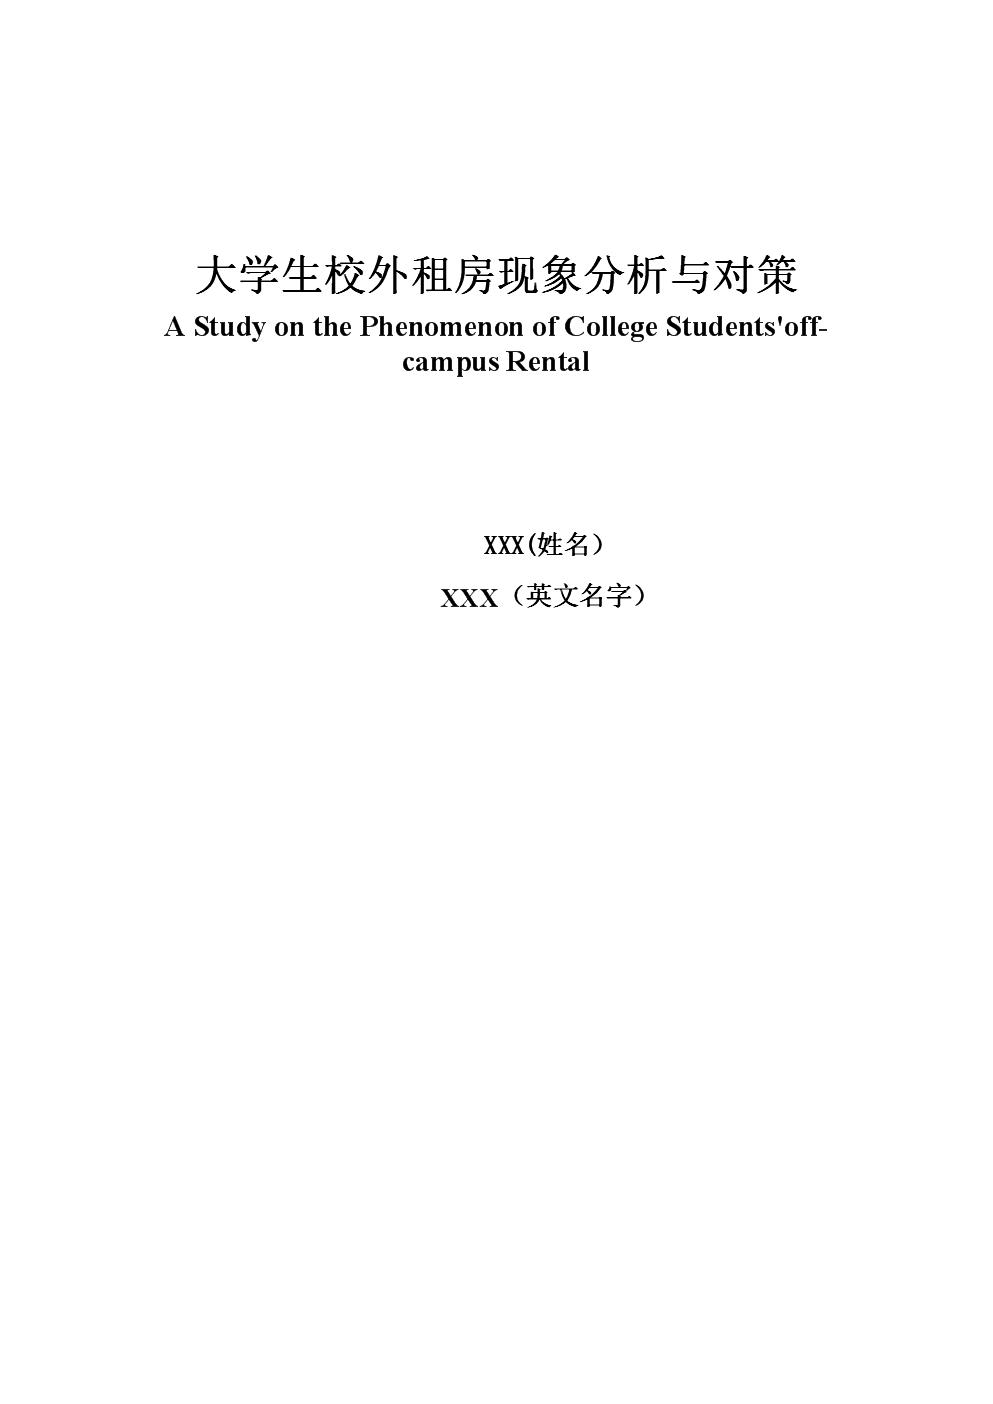 大学生校外租房现象及对策.doc